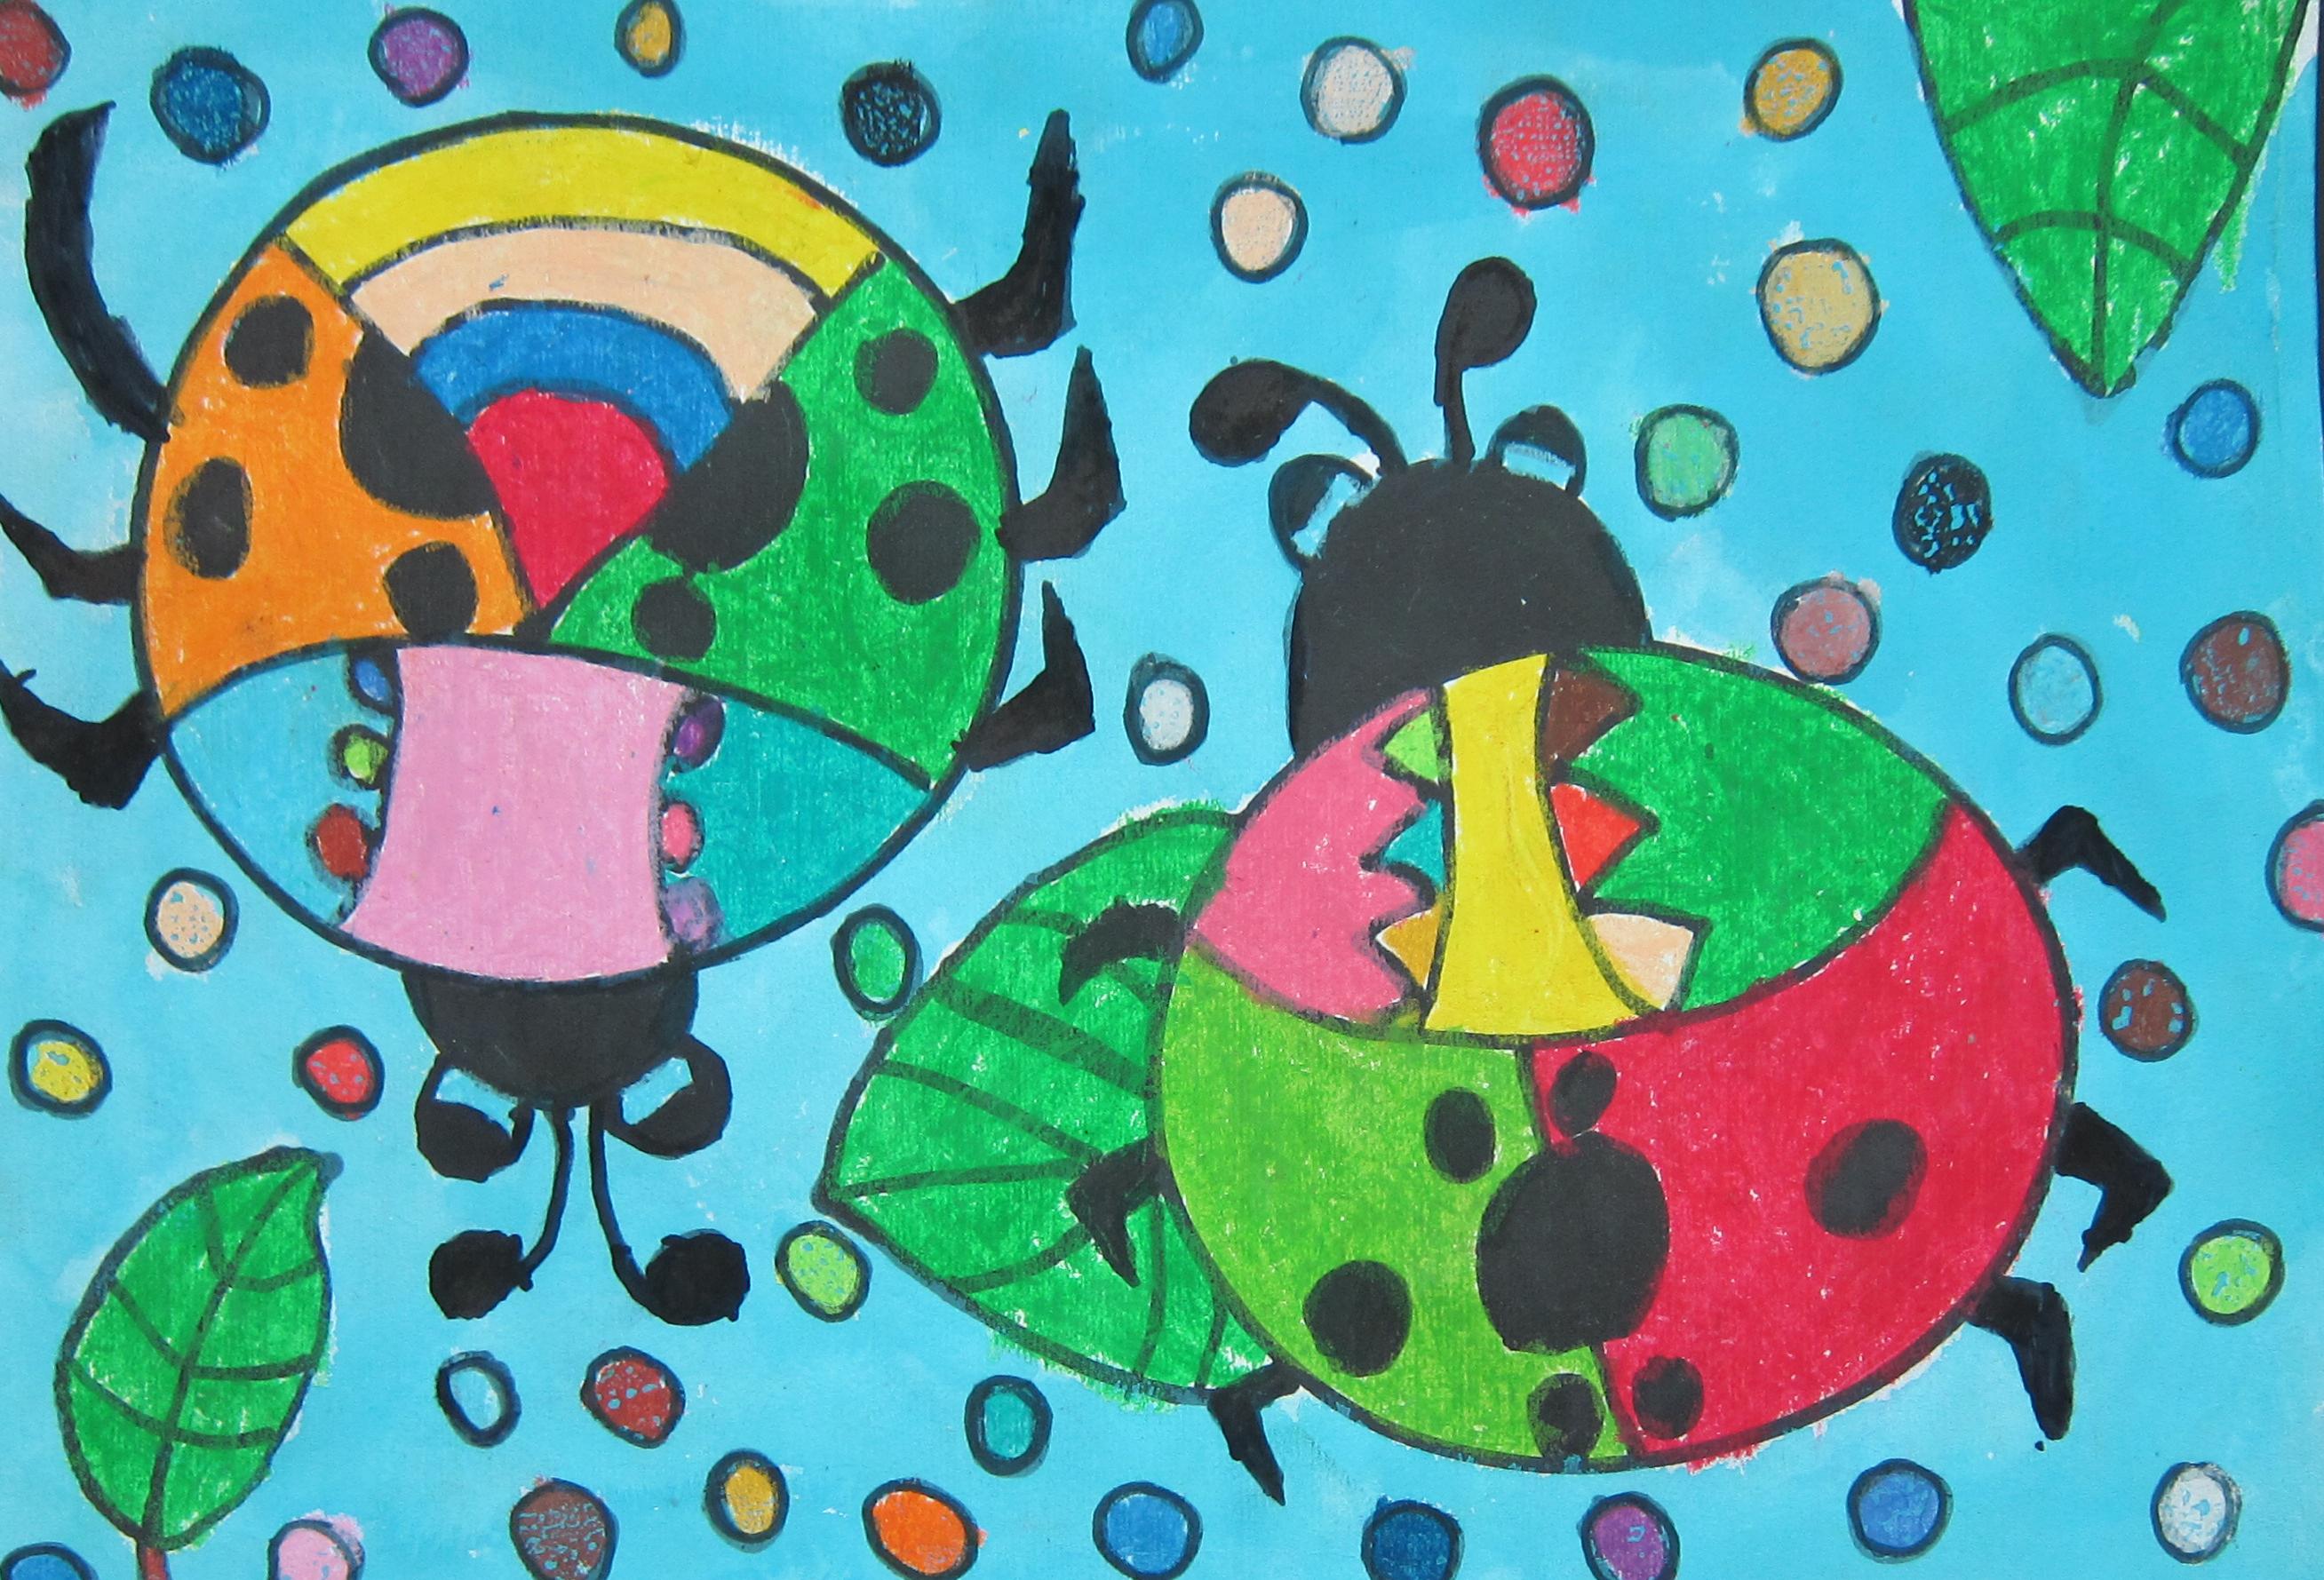 七星瓢虫-王博 - 白石杯-青少年书画大赛优秀作品